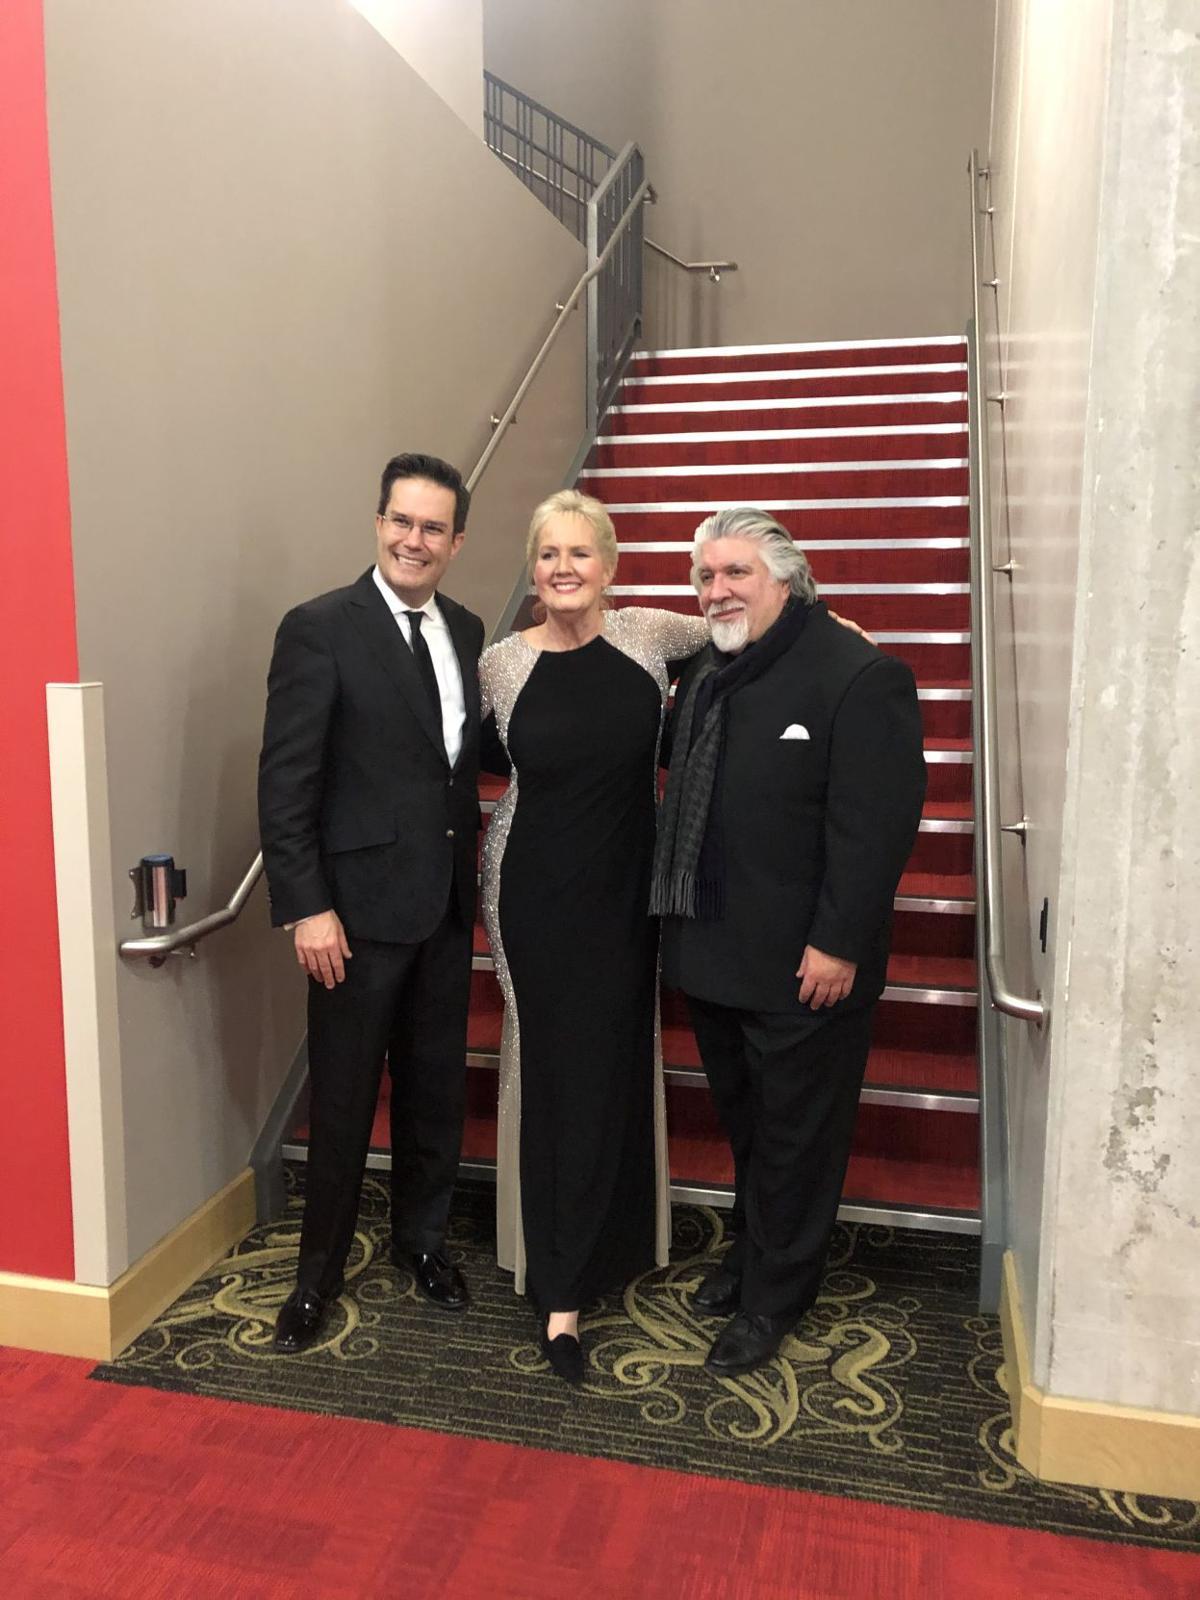 ICO Matthew Kraemer, Marjorie Lange Hanna, Andres Cardenes.